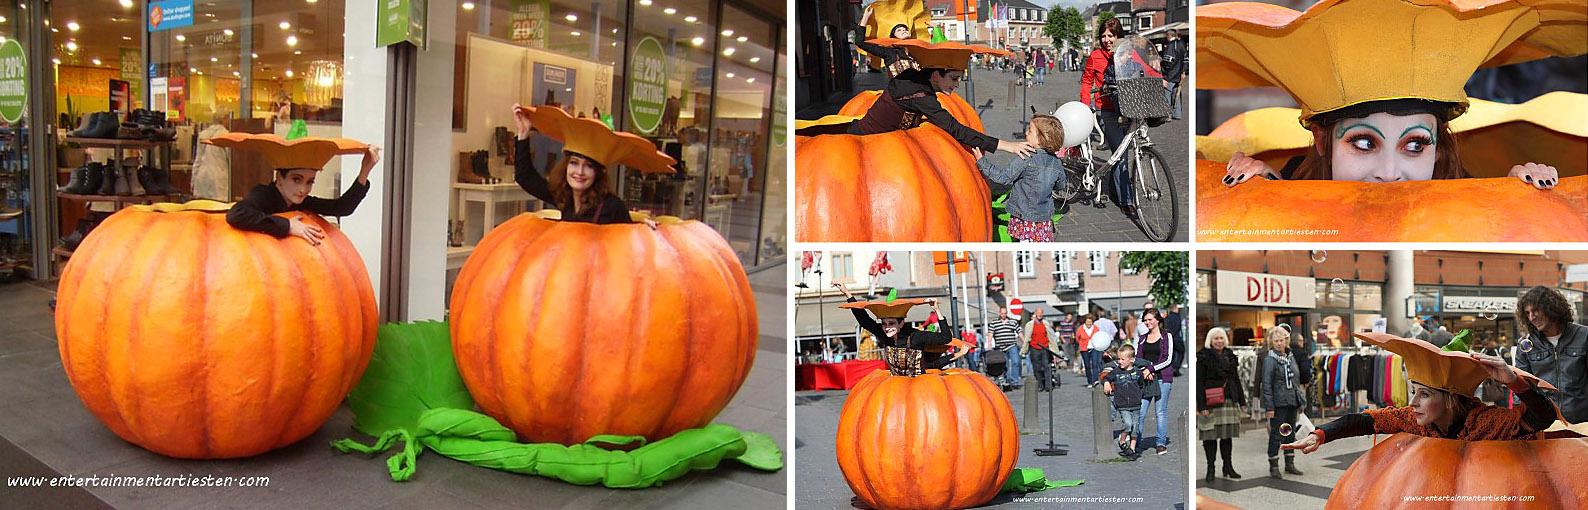 Winkelcentrum promotie activiteiten, grote pompoenen bewegen op straat (mime animatie), straattheater, Halloween acts, artiesten boeken, Govers Evenementen, www.goversartiesten.nl